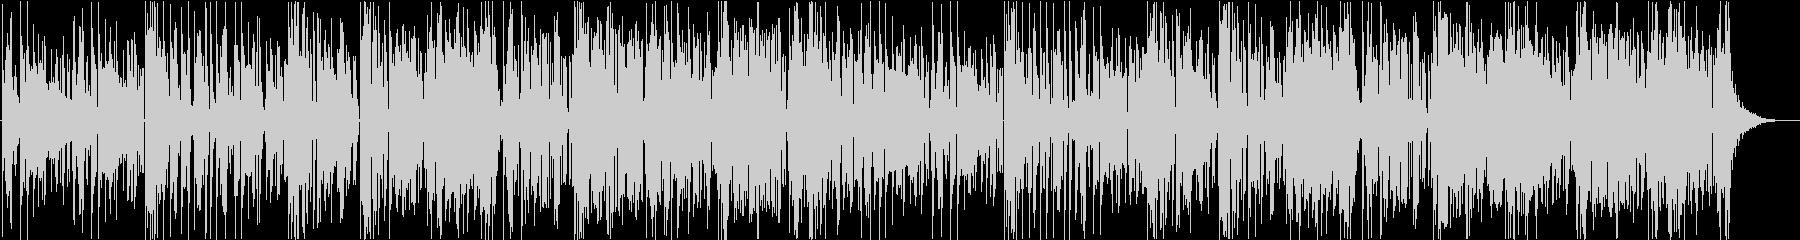 妖しいムードのジャンプアップの未再生の波形